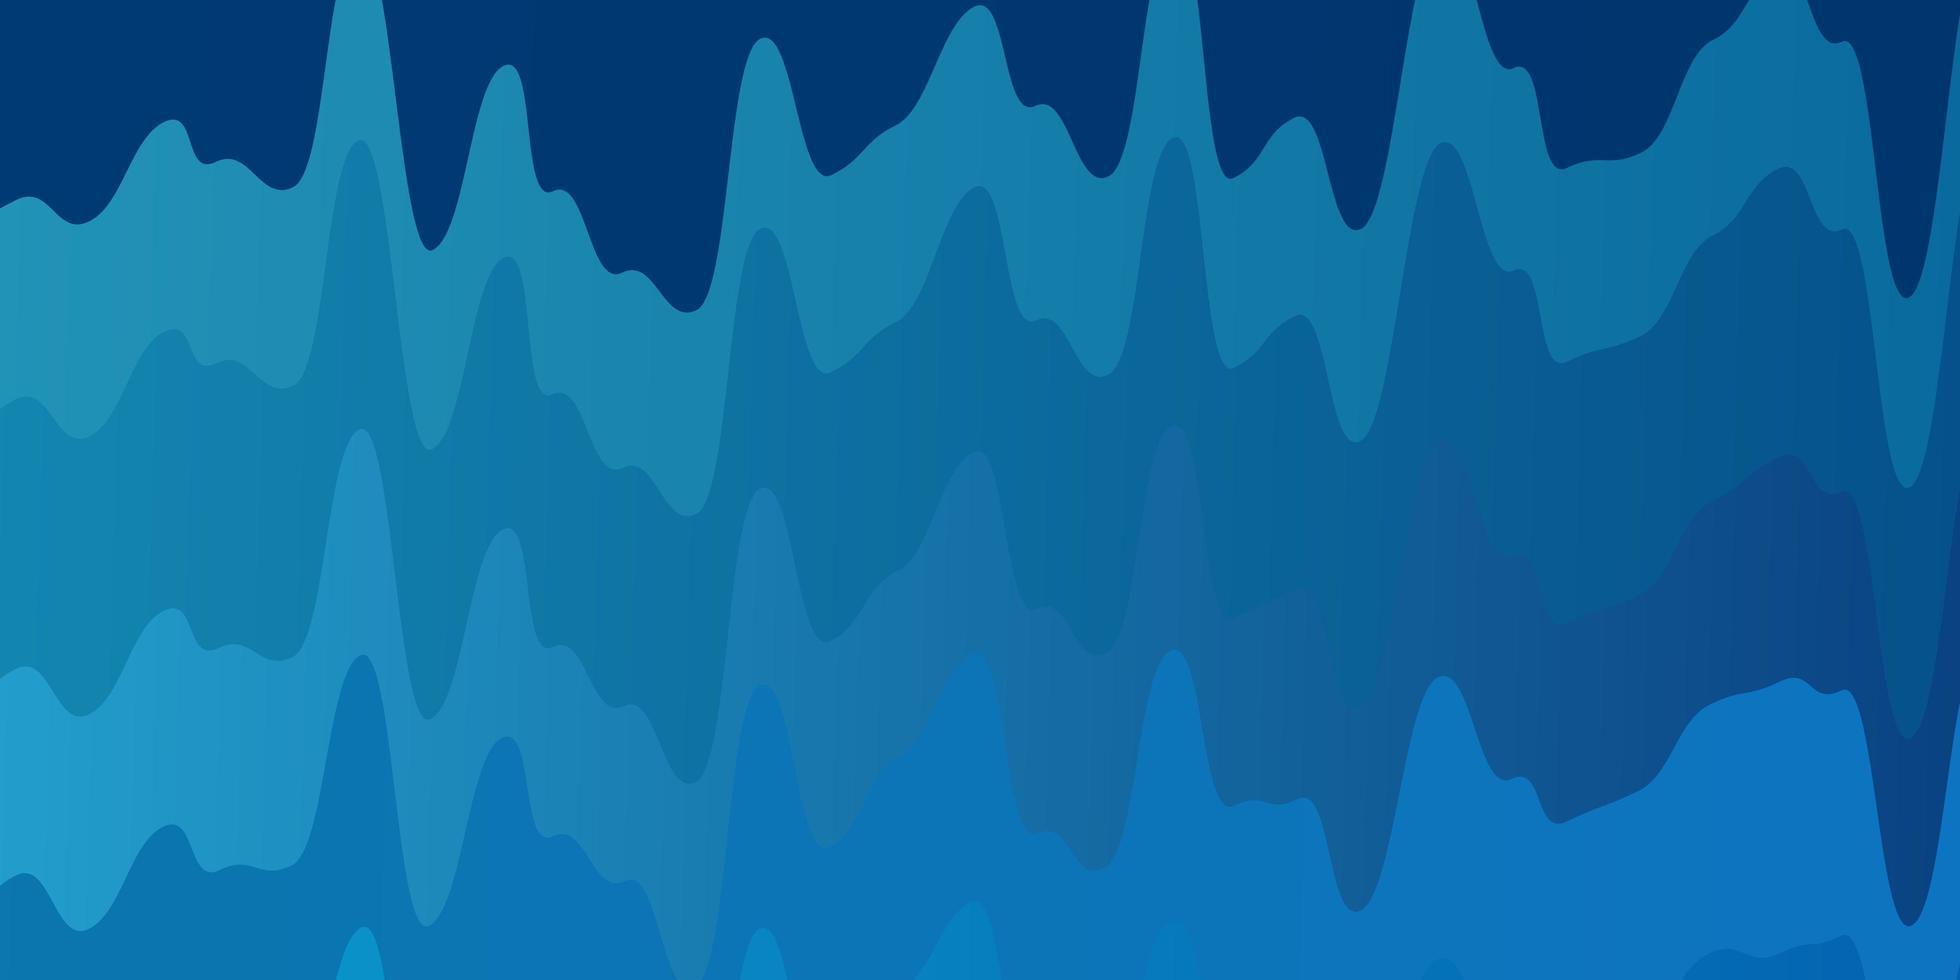 layout de vetor de azul claro com linhas irônicas.